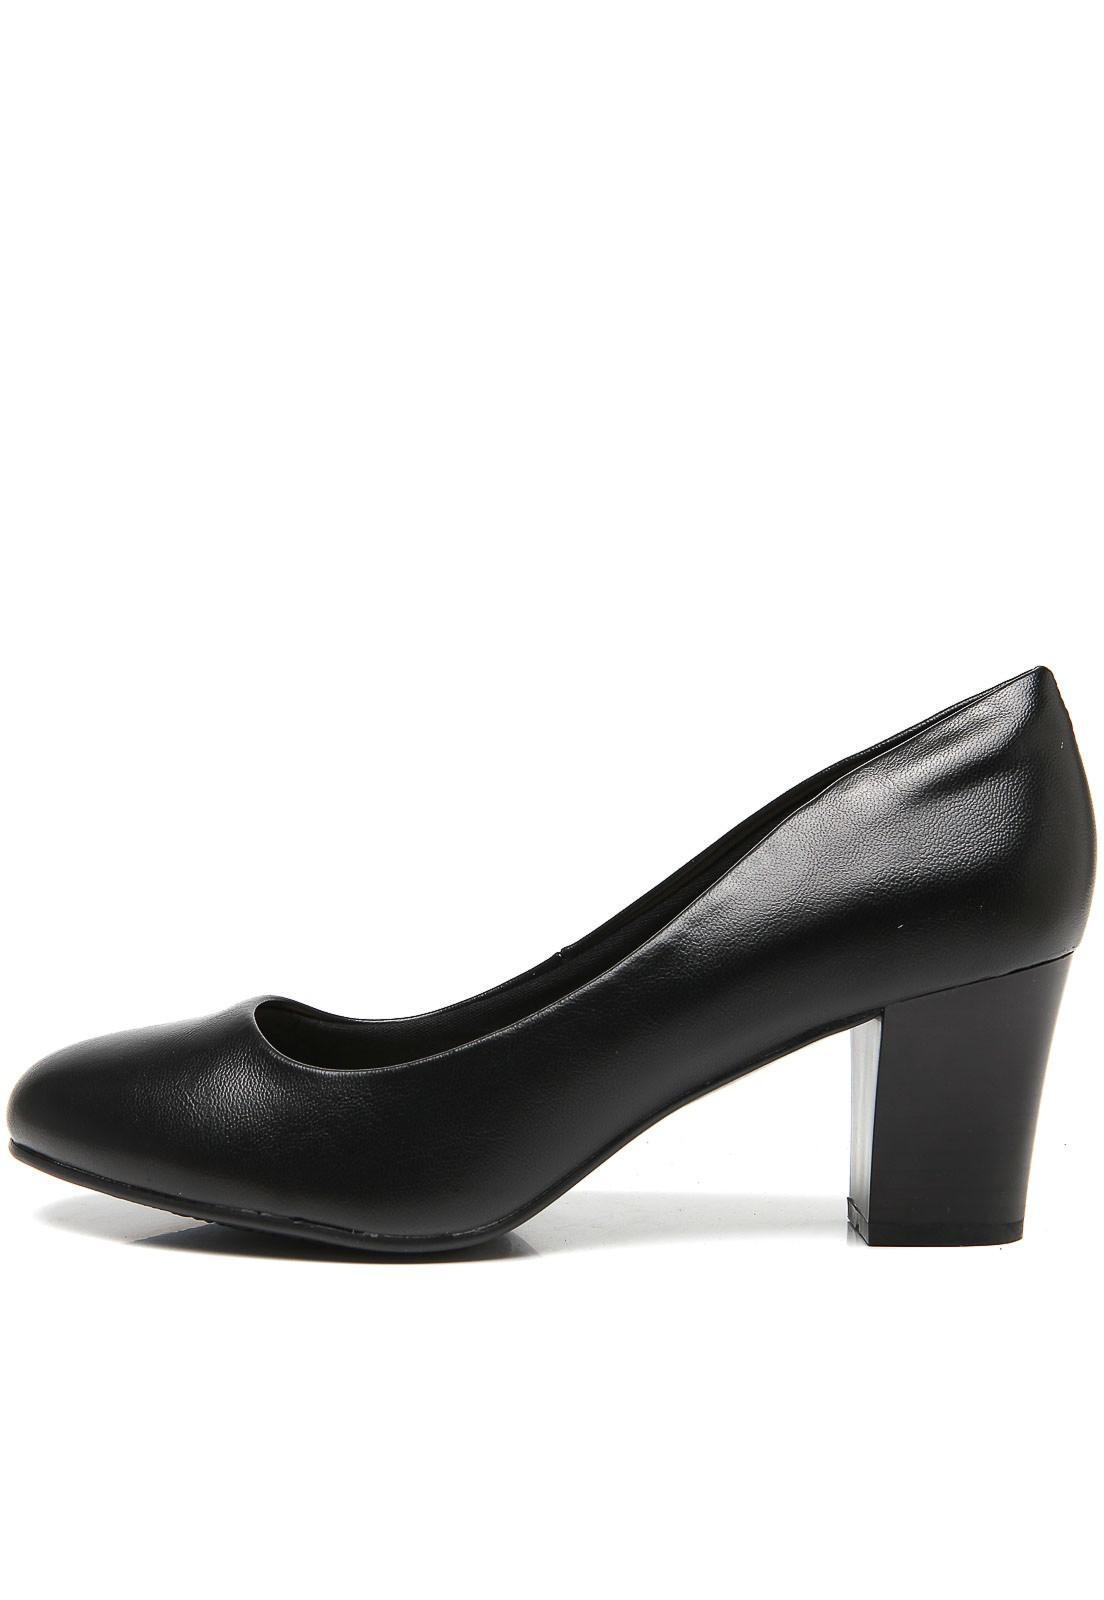 Sapato Scarpin Salto Alto Grosso Feminino Preto